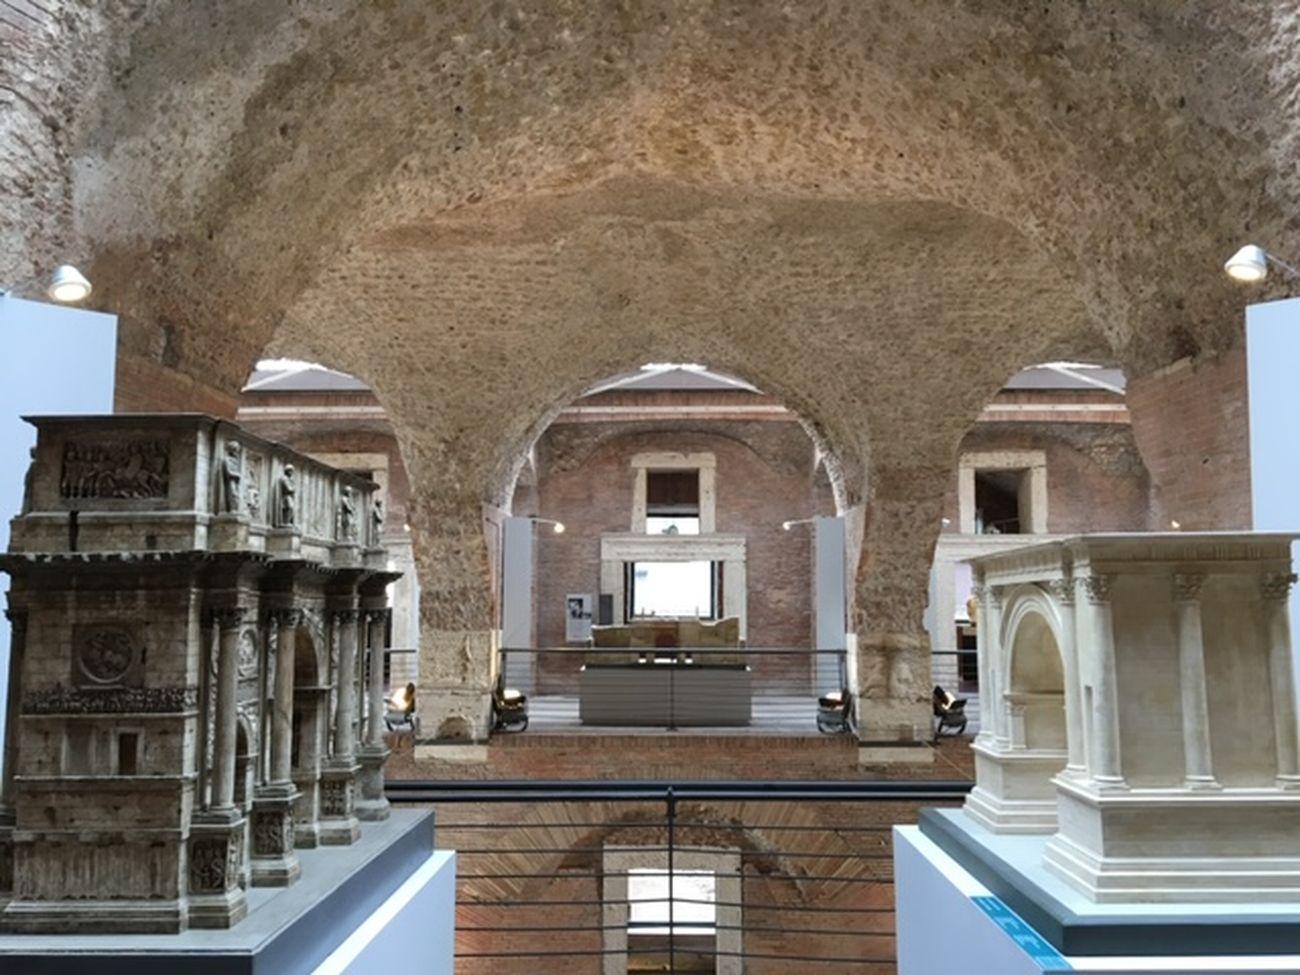 Plastici di archi. Civis Civitas Civilitas, Mercati di Traiano, Roma 2019